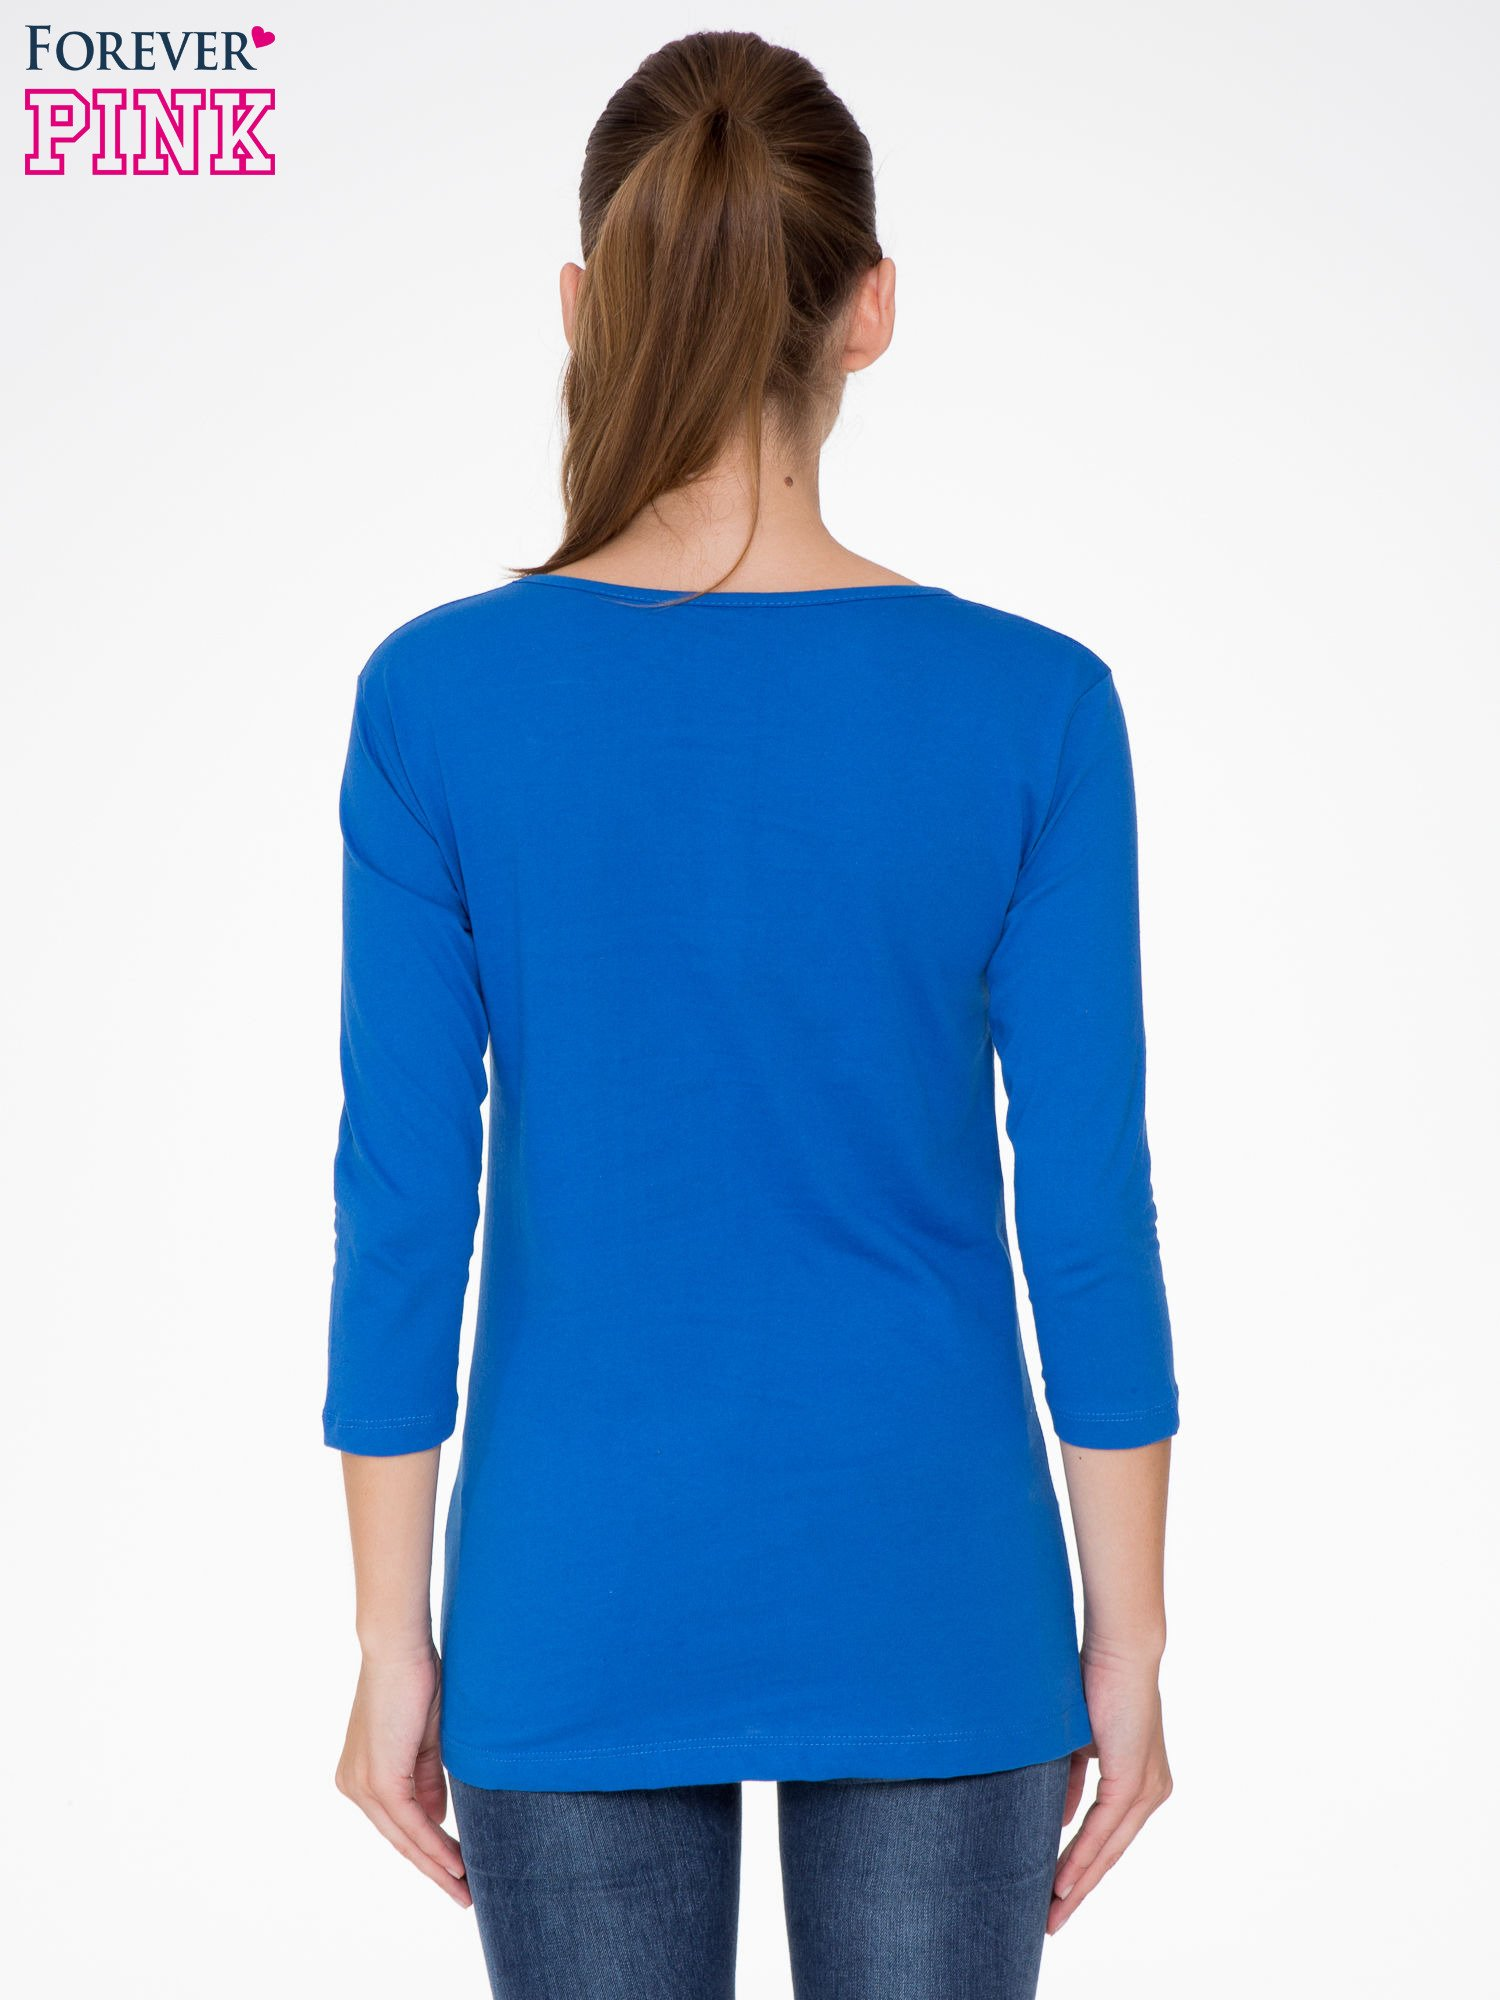 Niebieska bluzka z nadrukiem loga Instagrama                                  zdj.                                  4